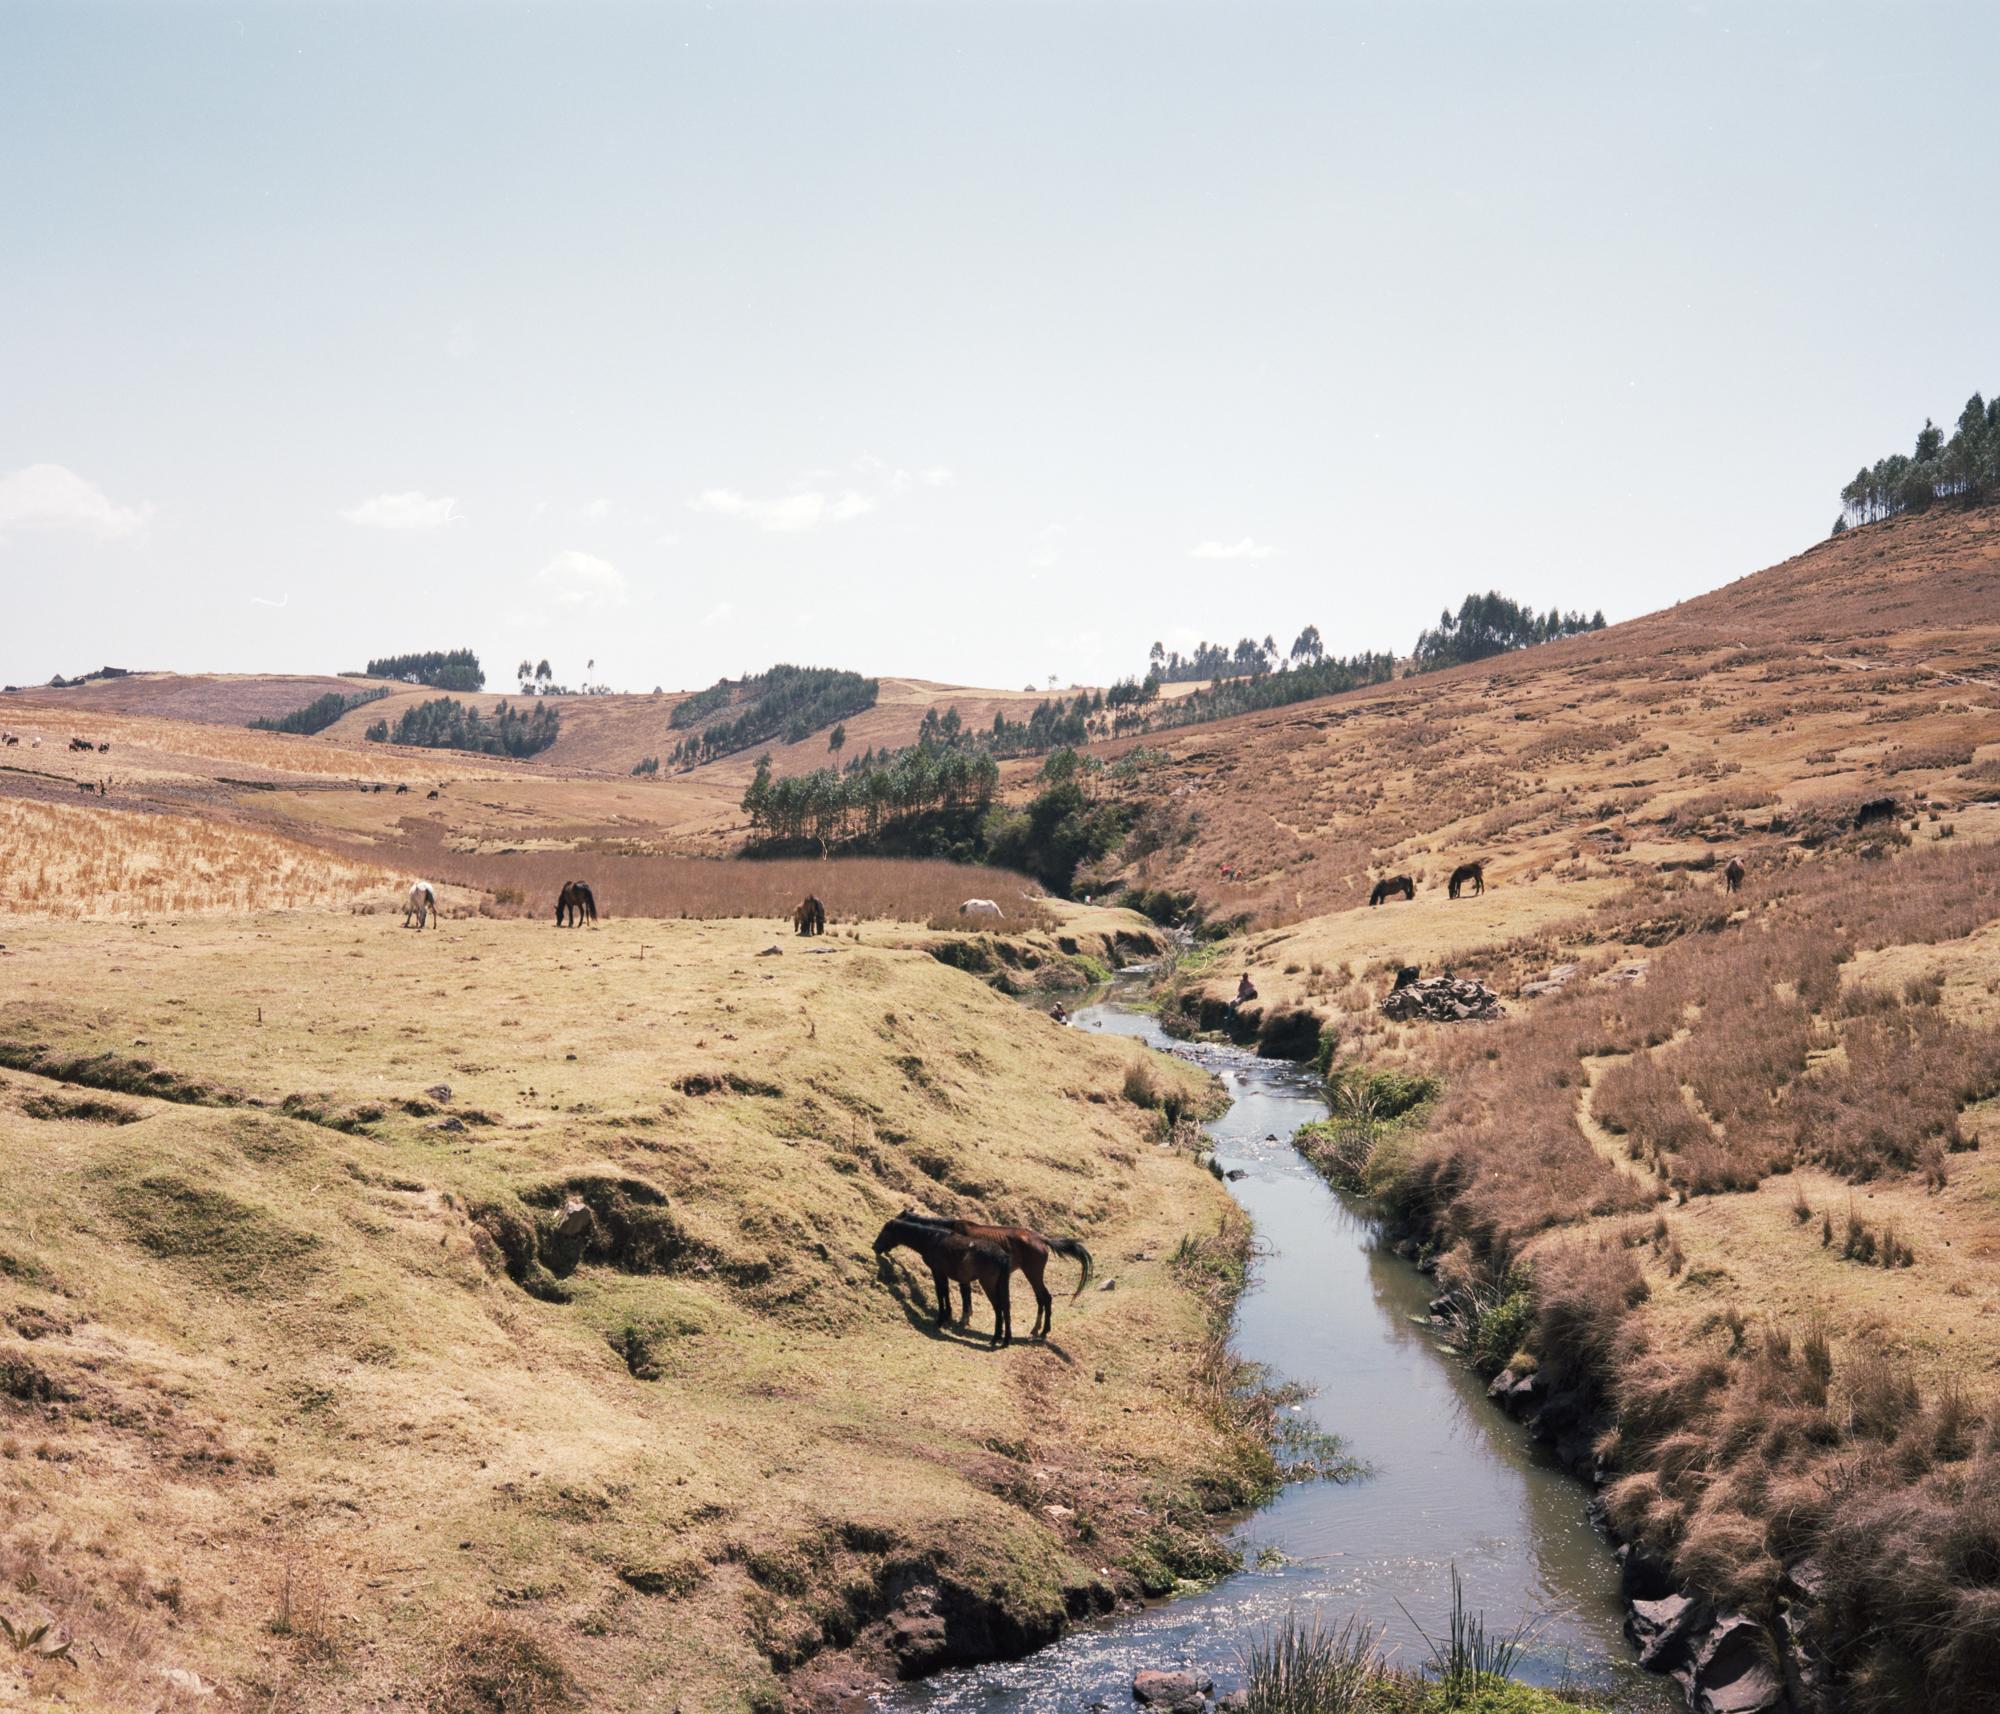 ethiopia-clem-13.jpg